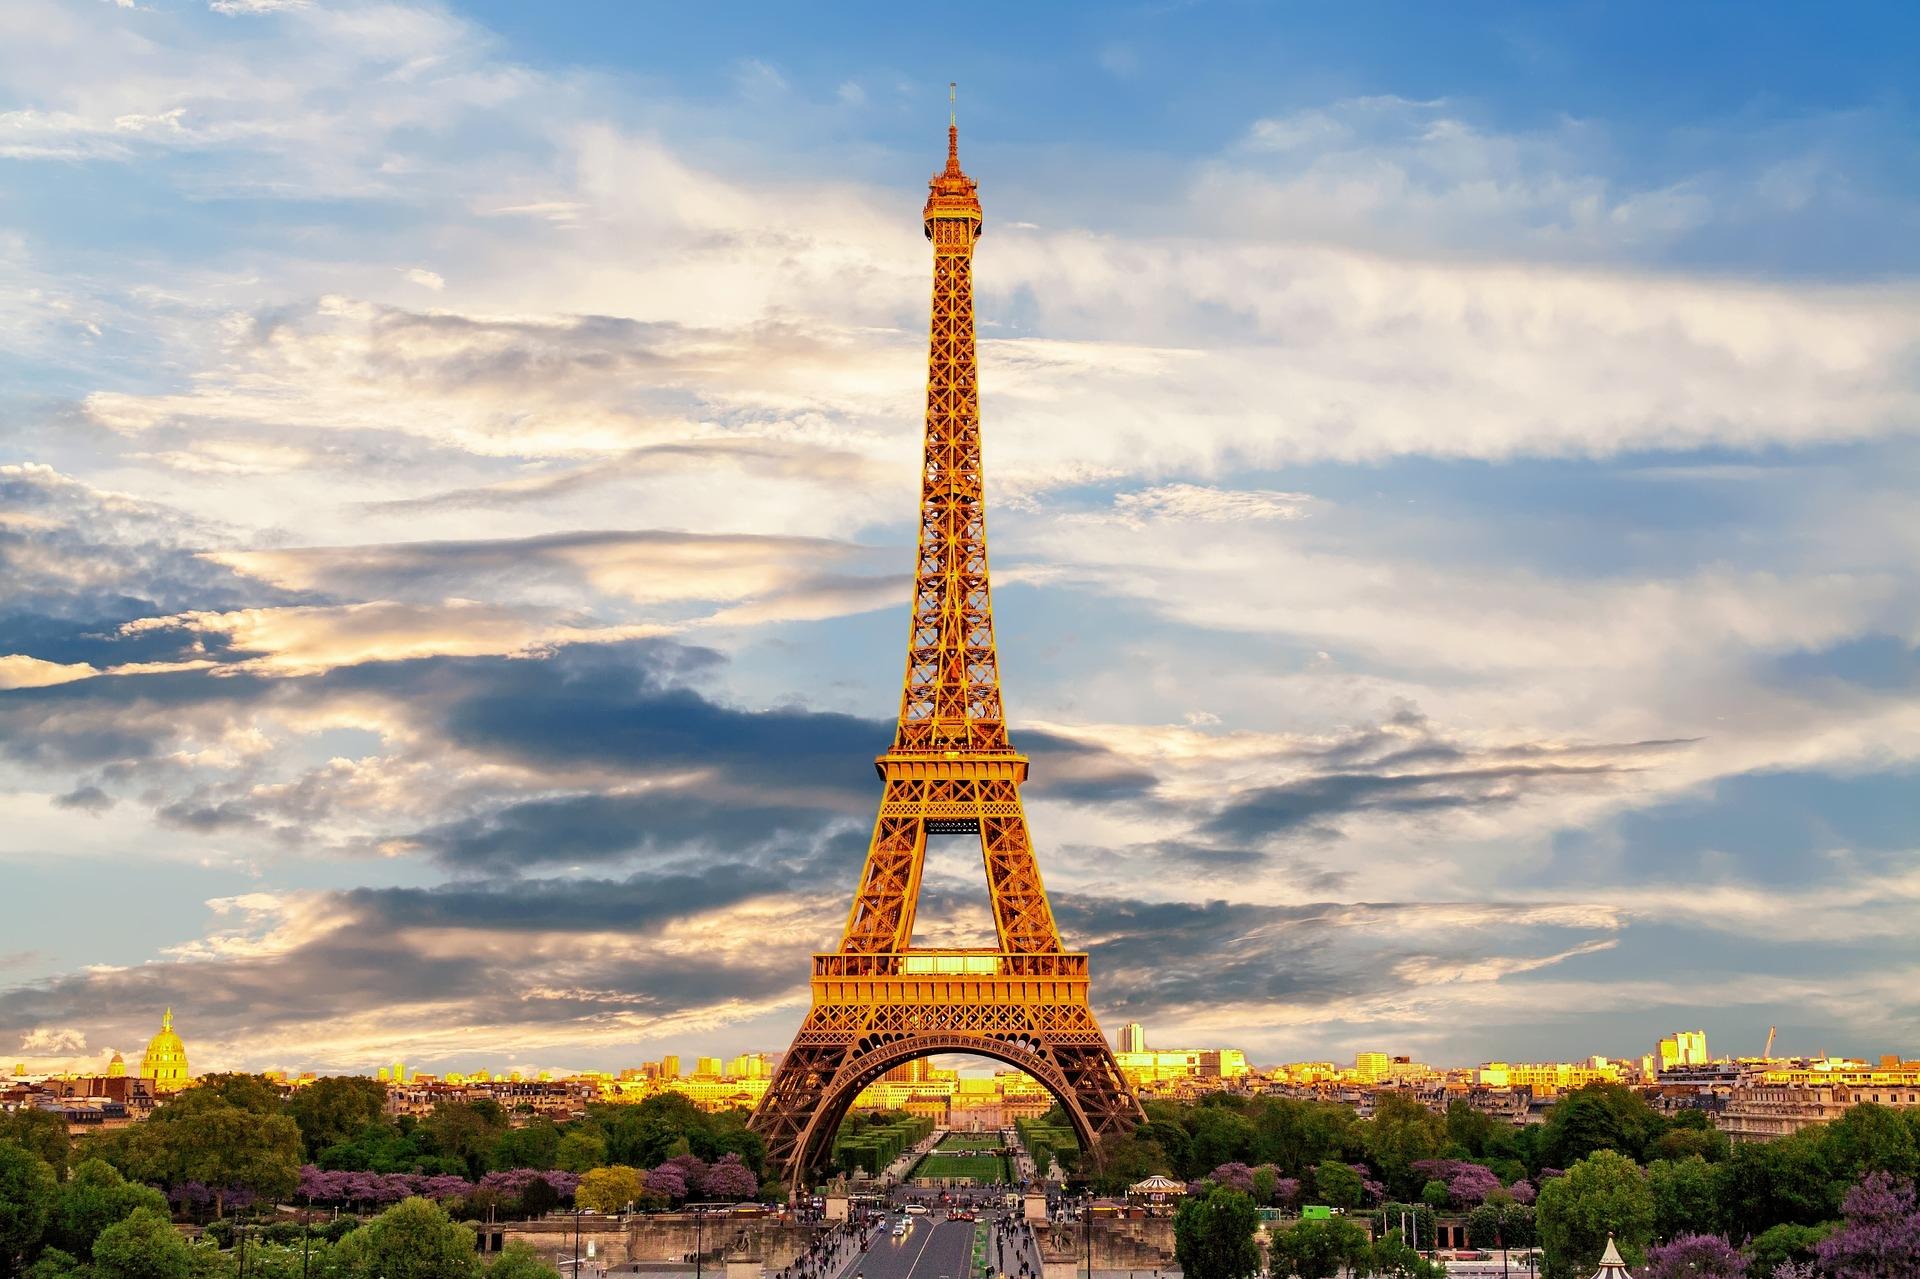 4星·浪漫巴黎3日游A线·卢浮宫+塞纳河游船+巴黎圣母院+香榭丽舍大街+埃菲尔铁塔+协和广场+凡尔赛宫+香波堡+舍农索城堡·2人起订·铁定成团·2-6人小车团